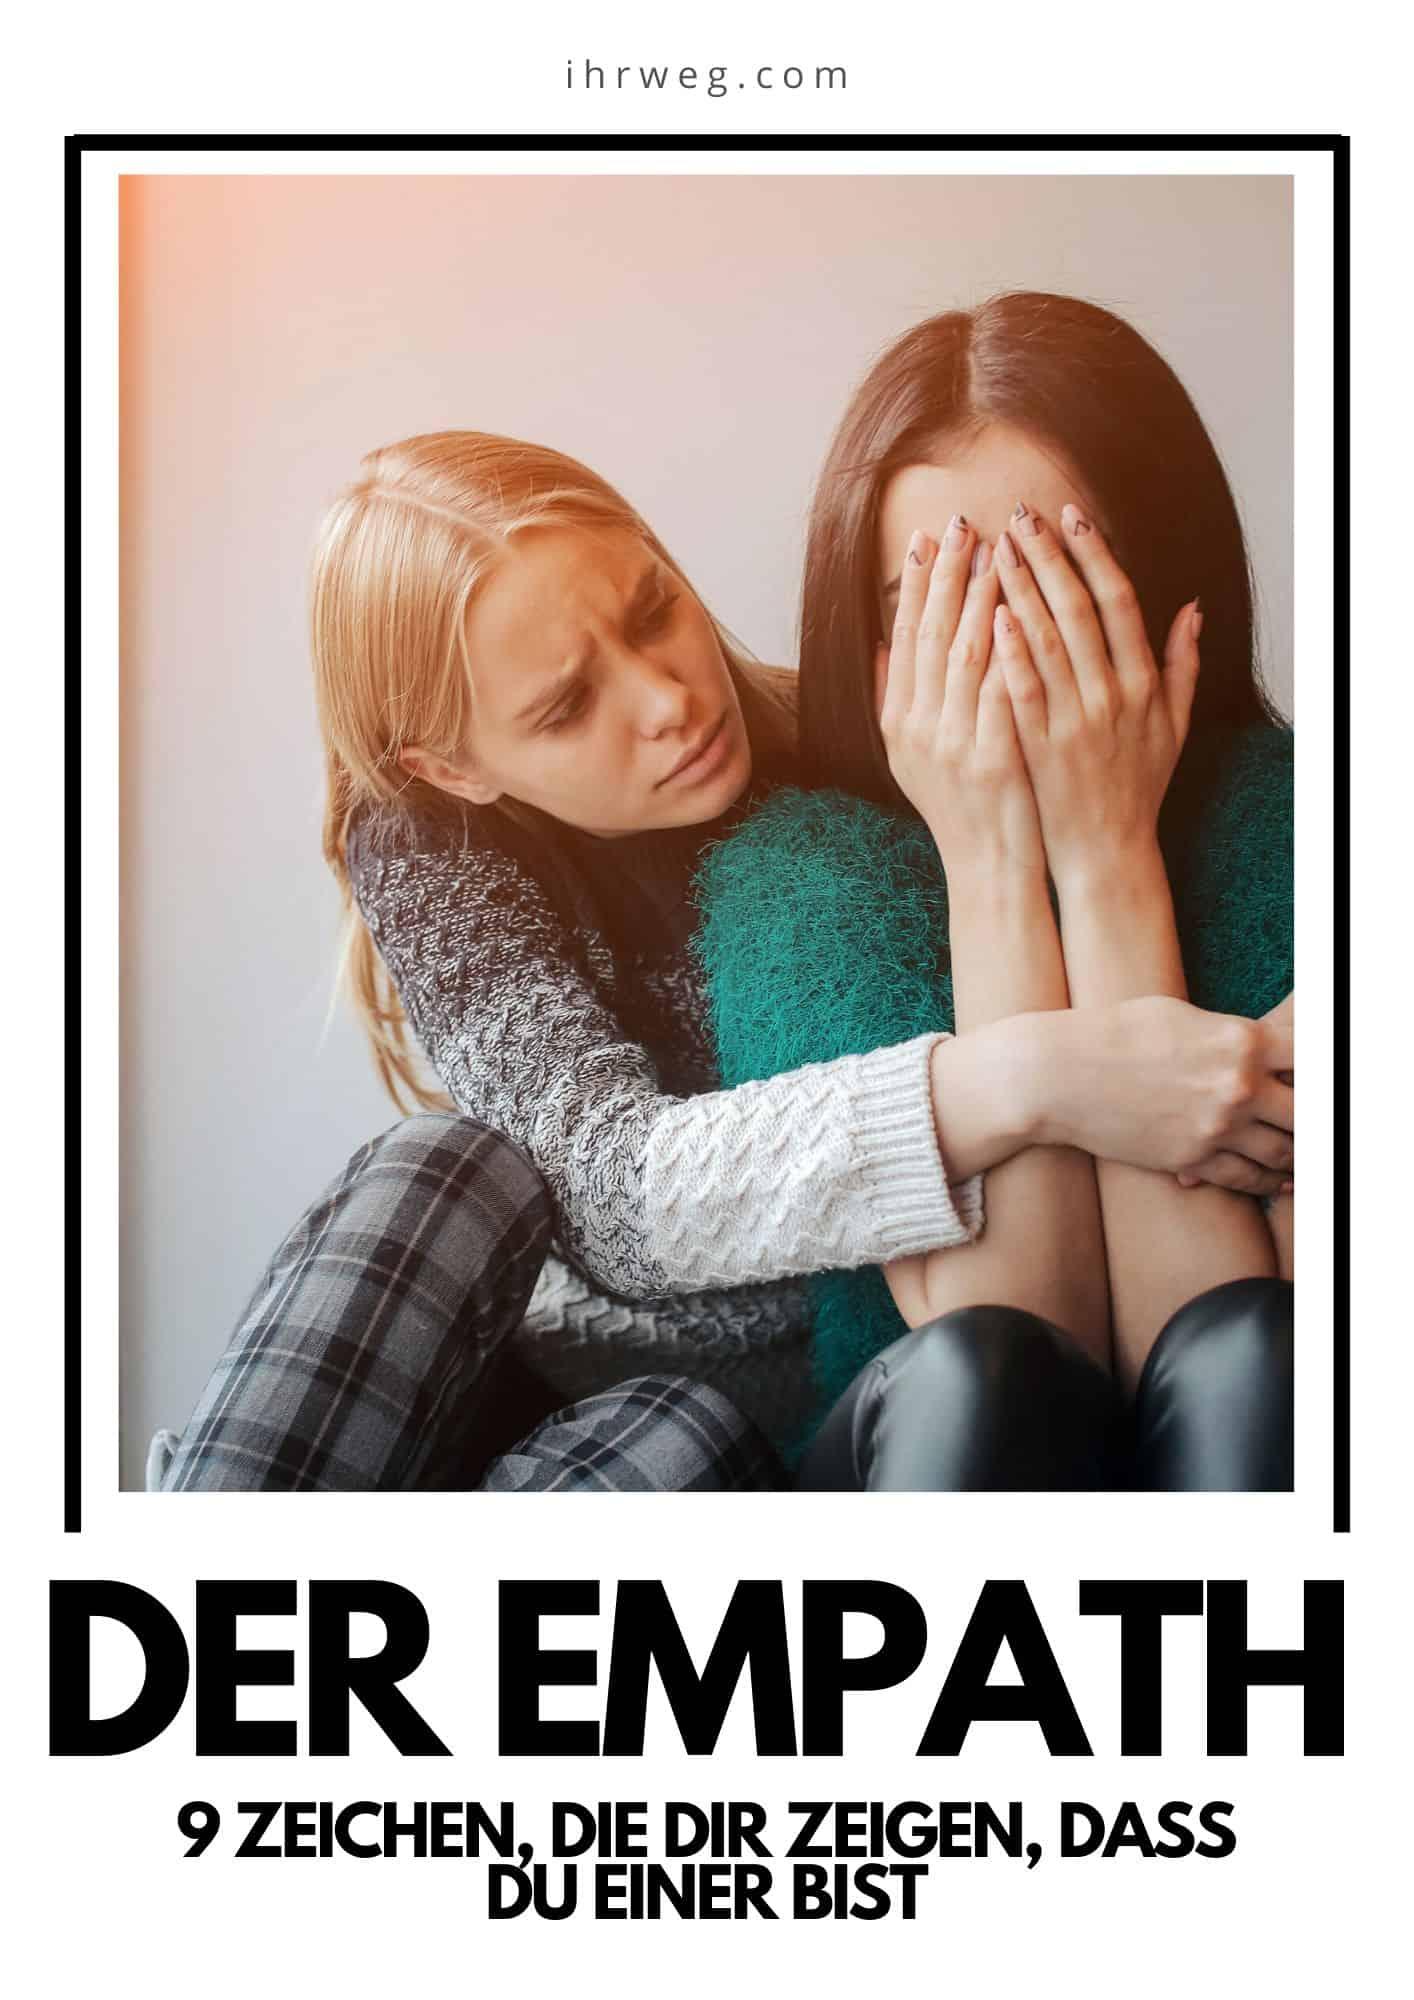 Der Empath - 9 Zeichen, Die Dir Zeigen, Dass Du Einer Bist